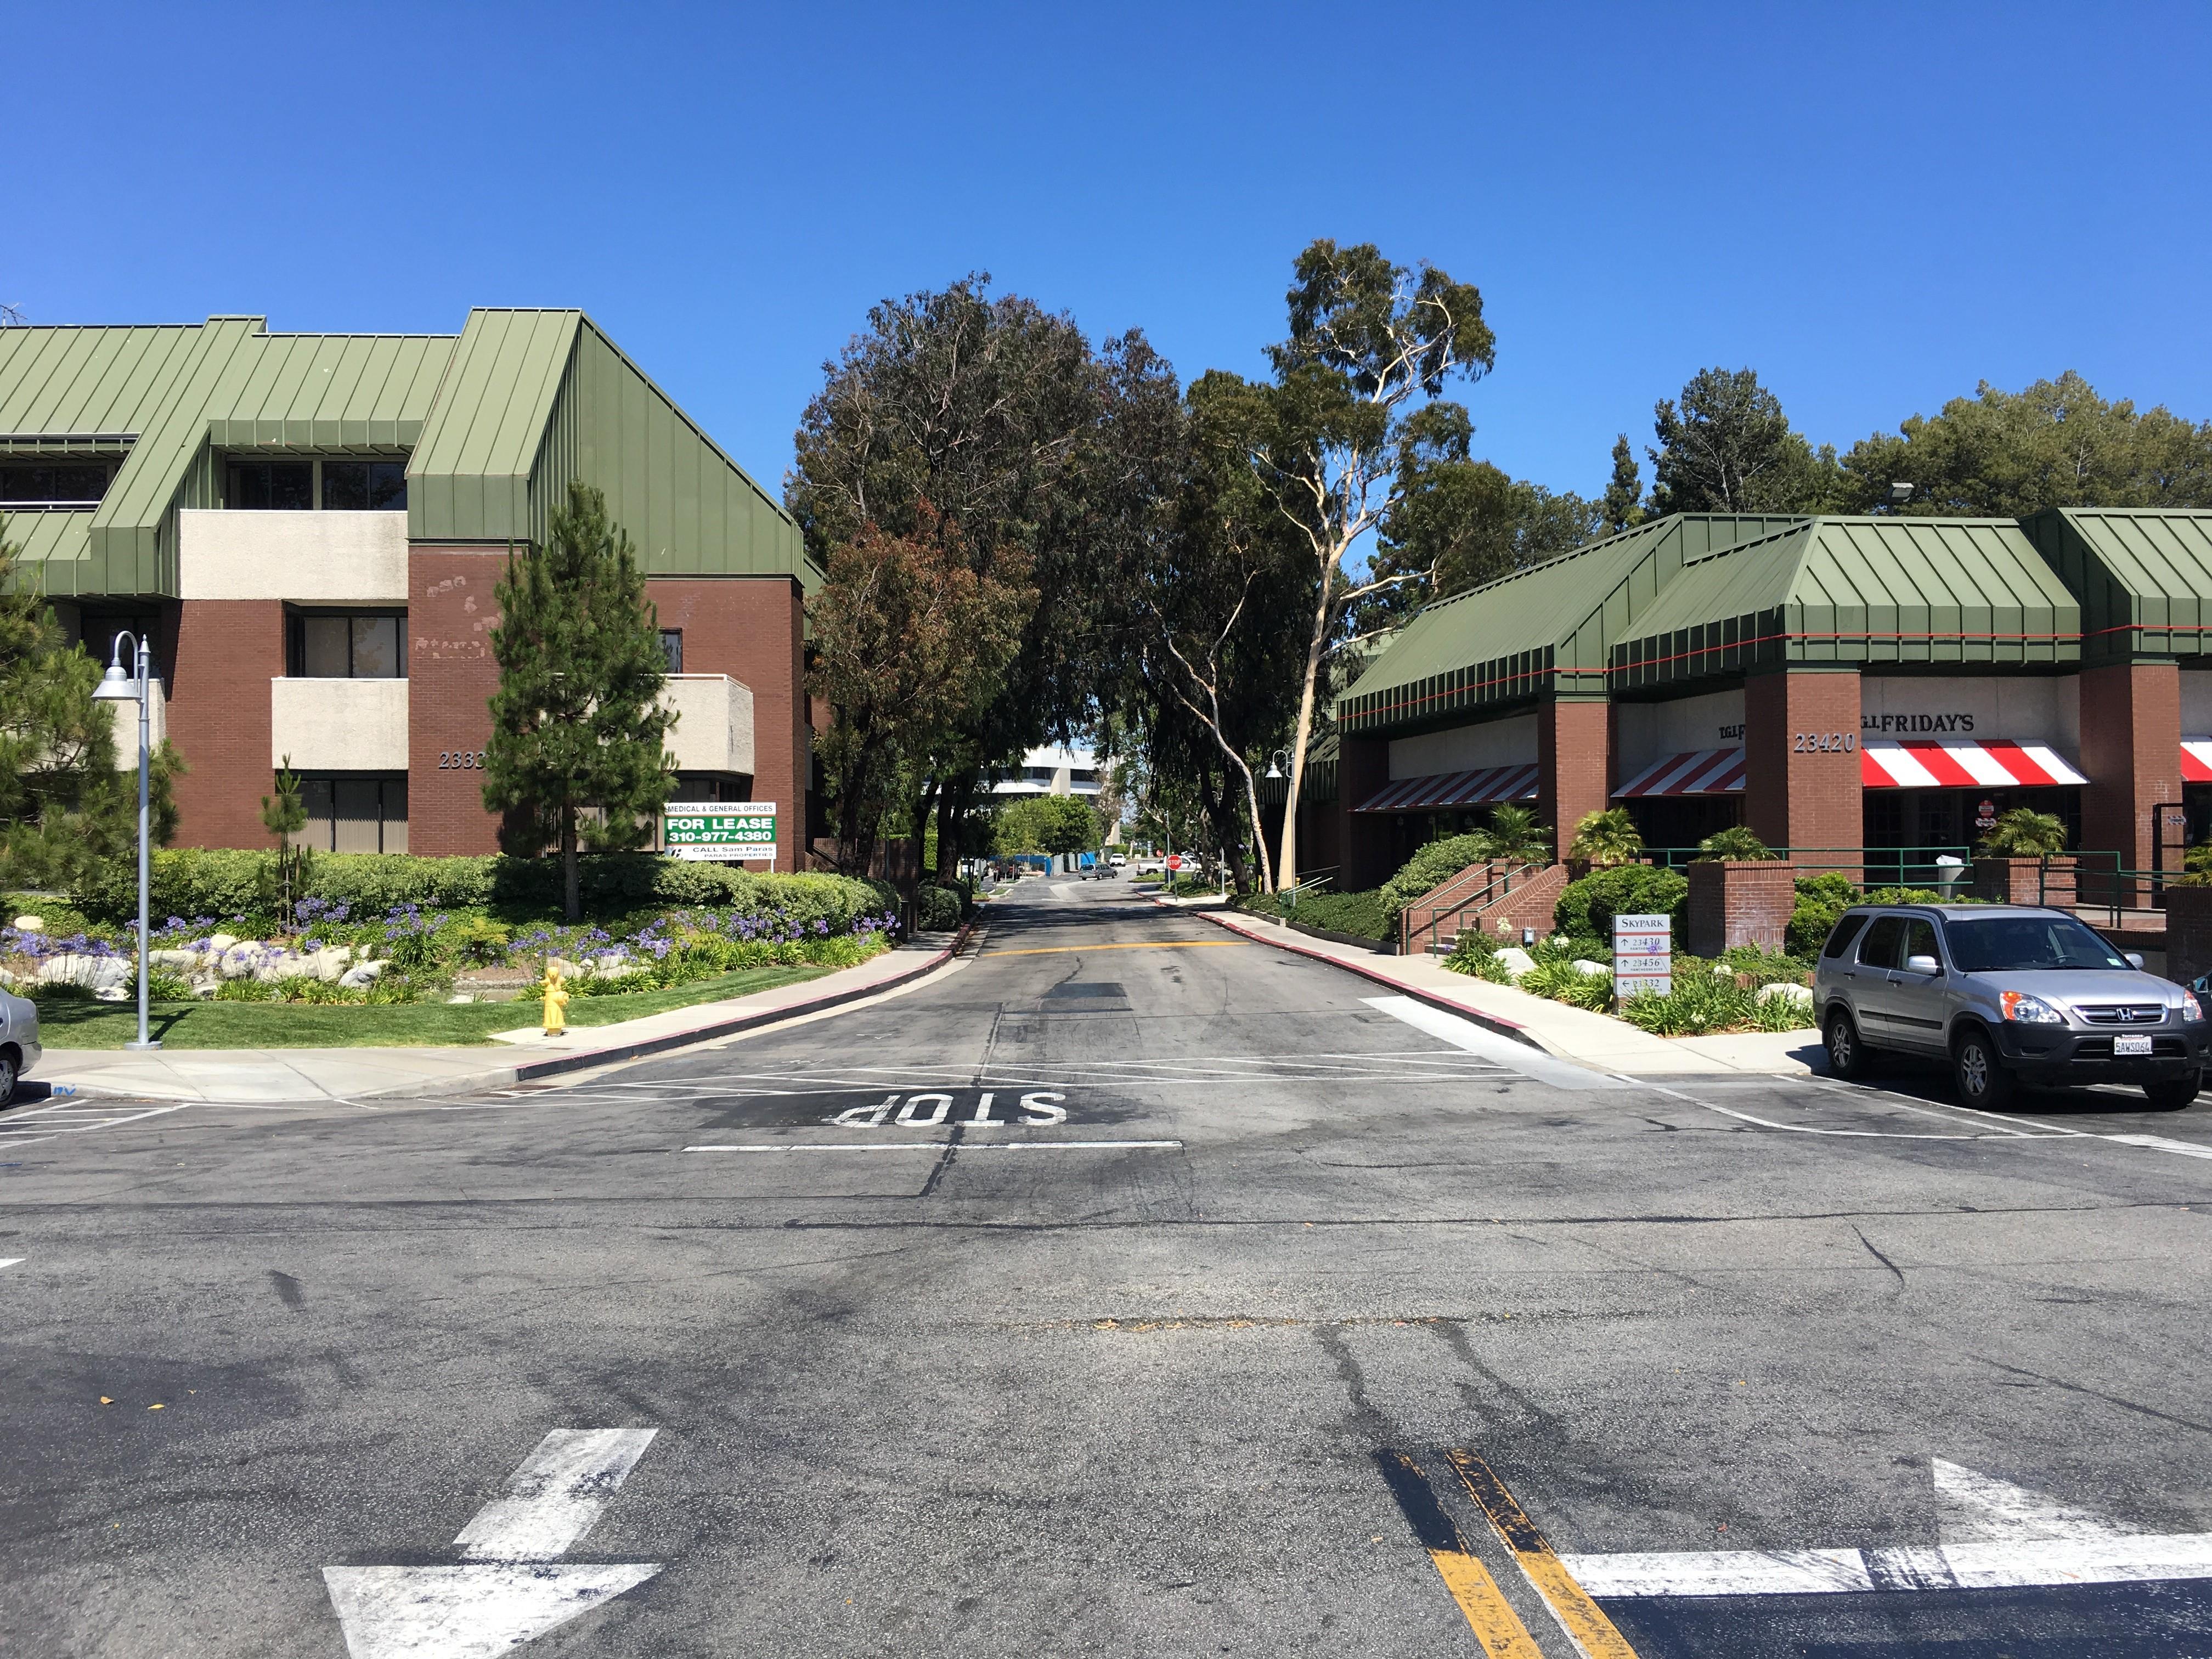 Torrance sleep center - Advanced Sleep Medicine Services - Building